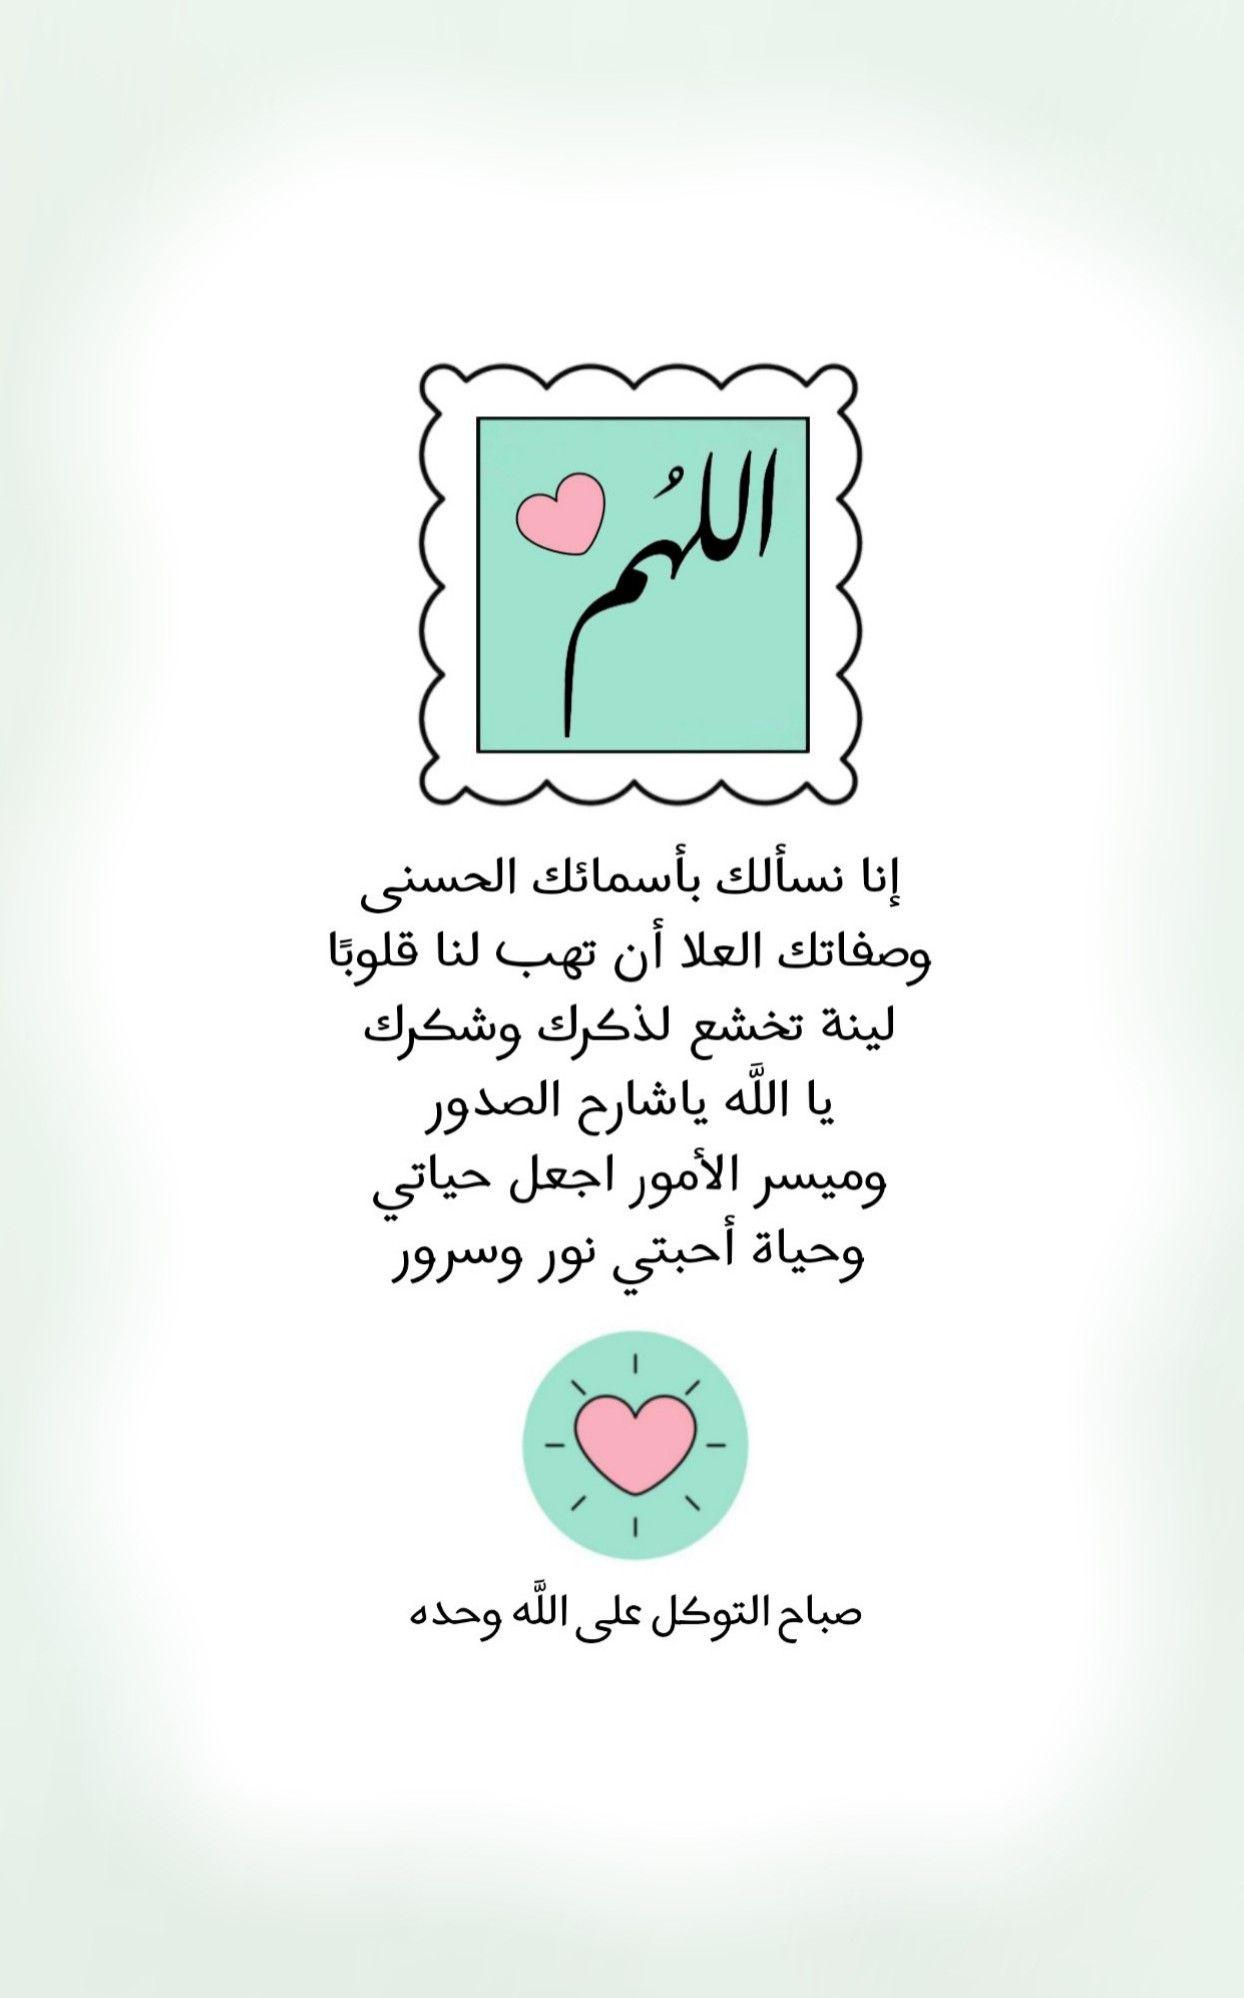 الله م إنا نسألك بأسمائك الحسنى وصفاتك العلا أن تهب لنا قلوب ا لينة تخشع لذكرك وشكرك يا الل ه ياشا Ramadan Quotes Beautiful Quran Quotes Islamic Quotes